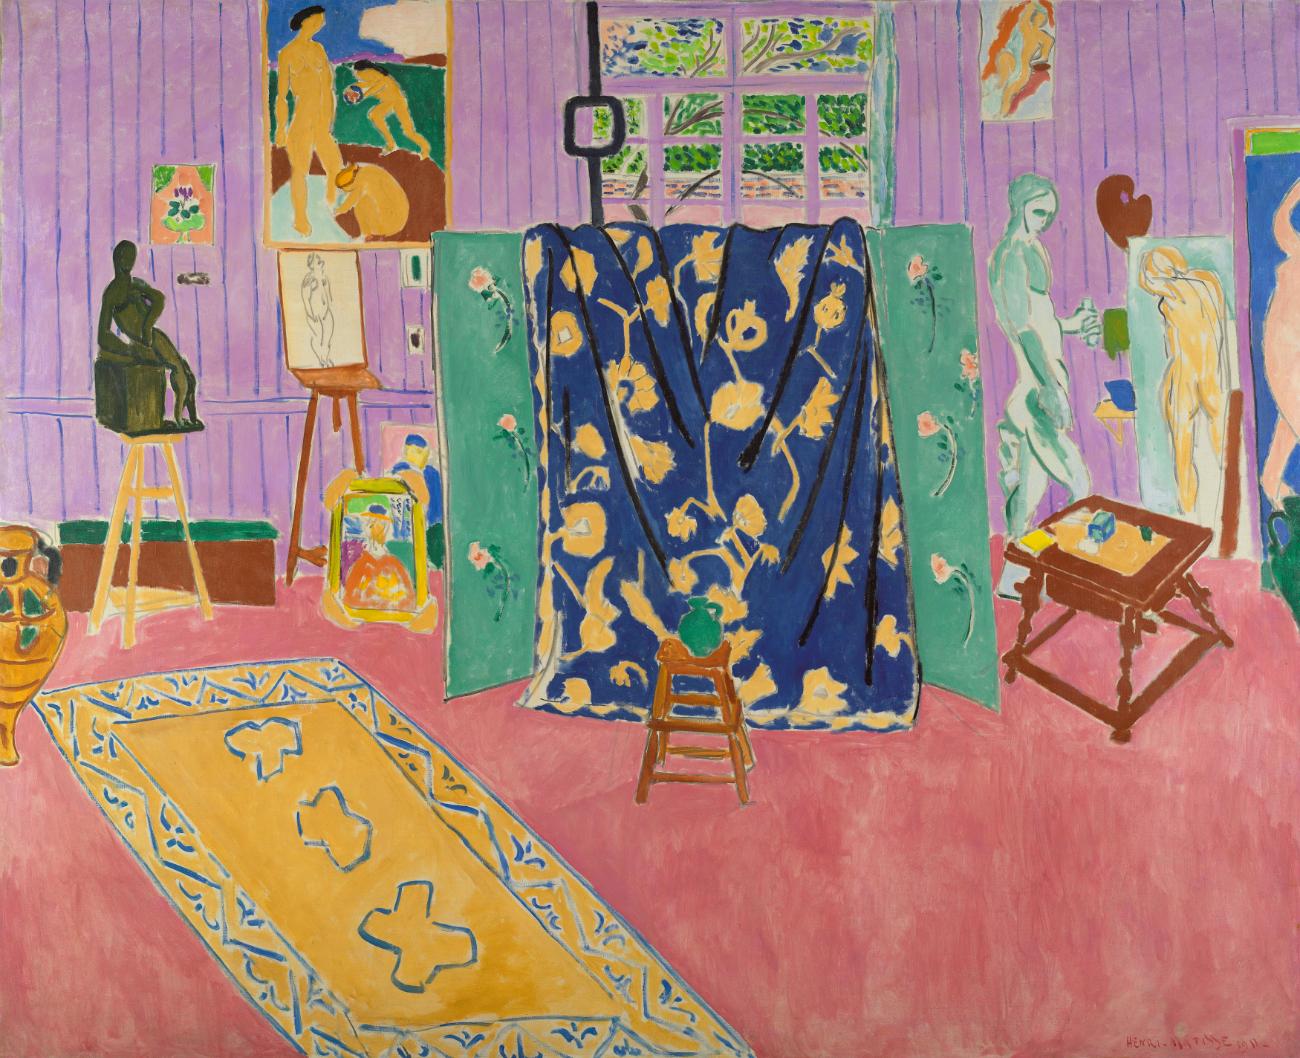 Анри Матисс  «Мастерская художника (Розовая мастерская)». Холст, масло, 1911